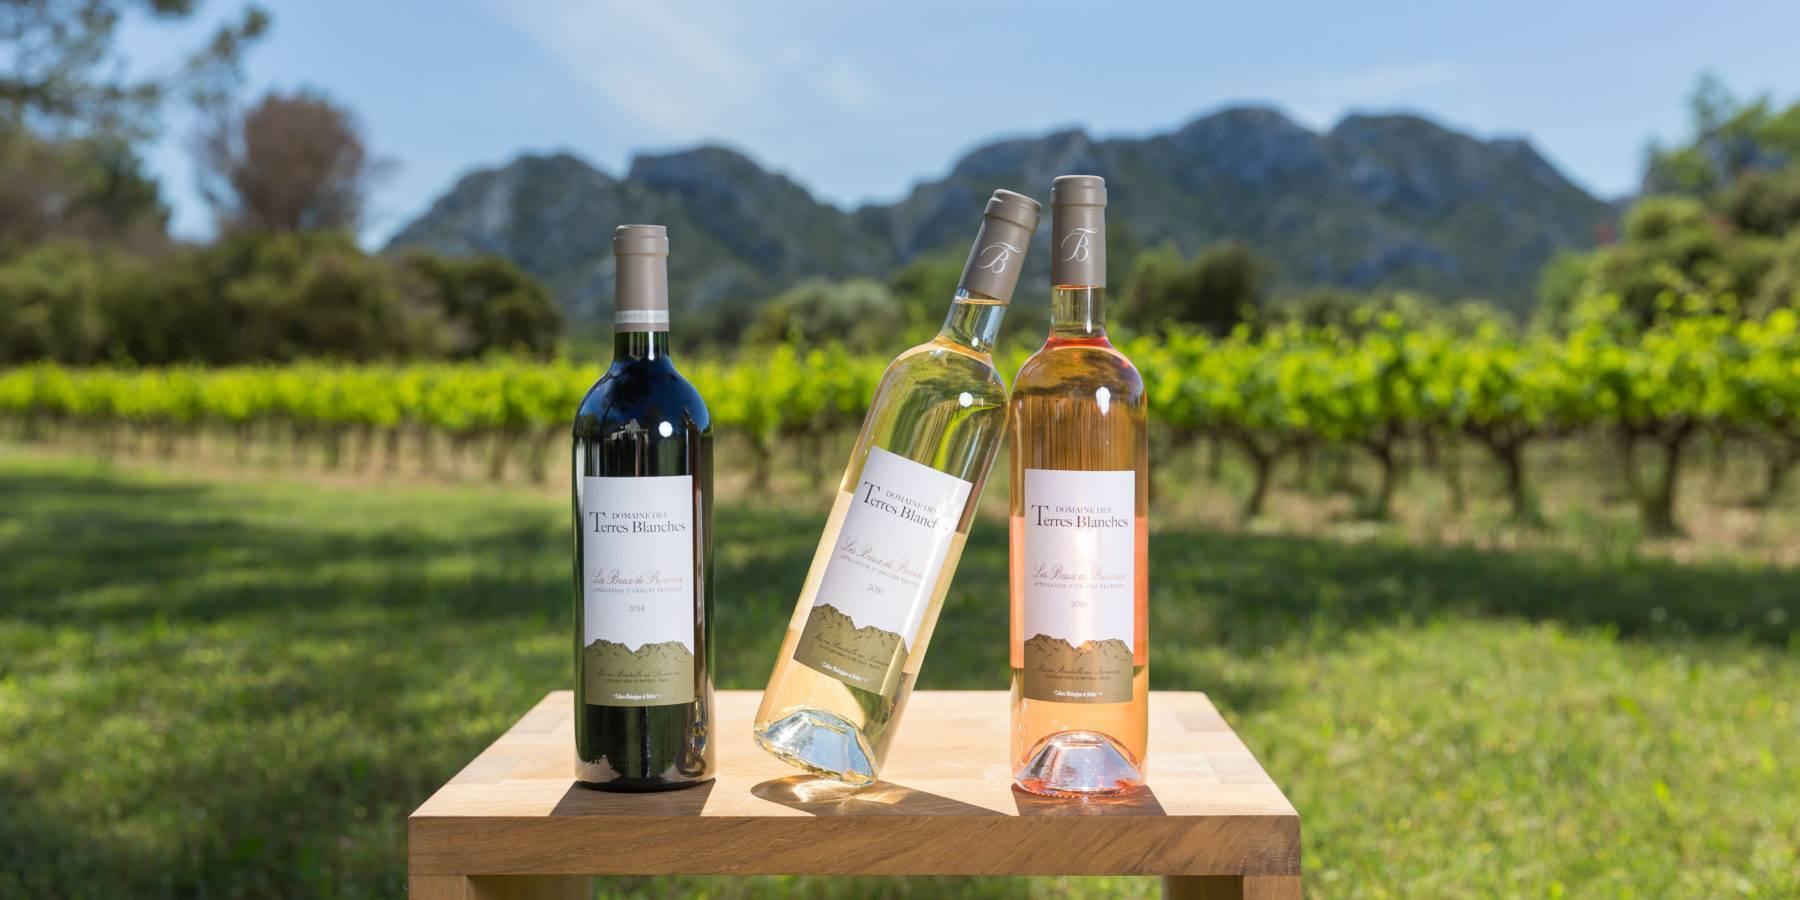 Лучшие вина прованса — история, регионы aoc, винодельни